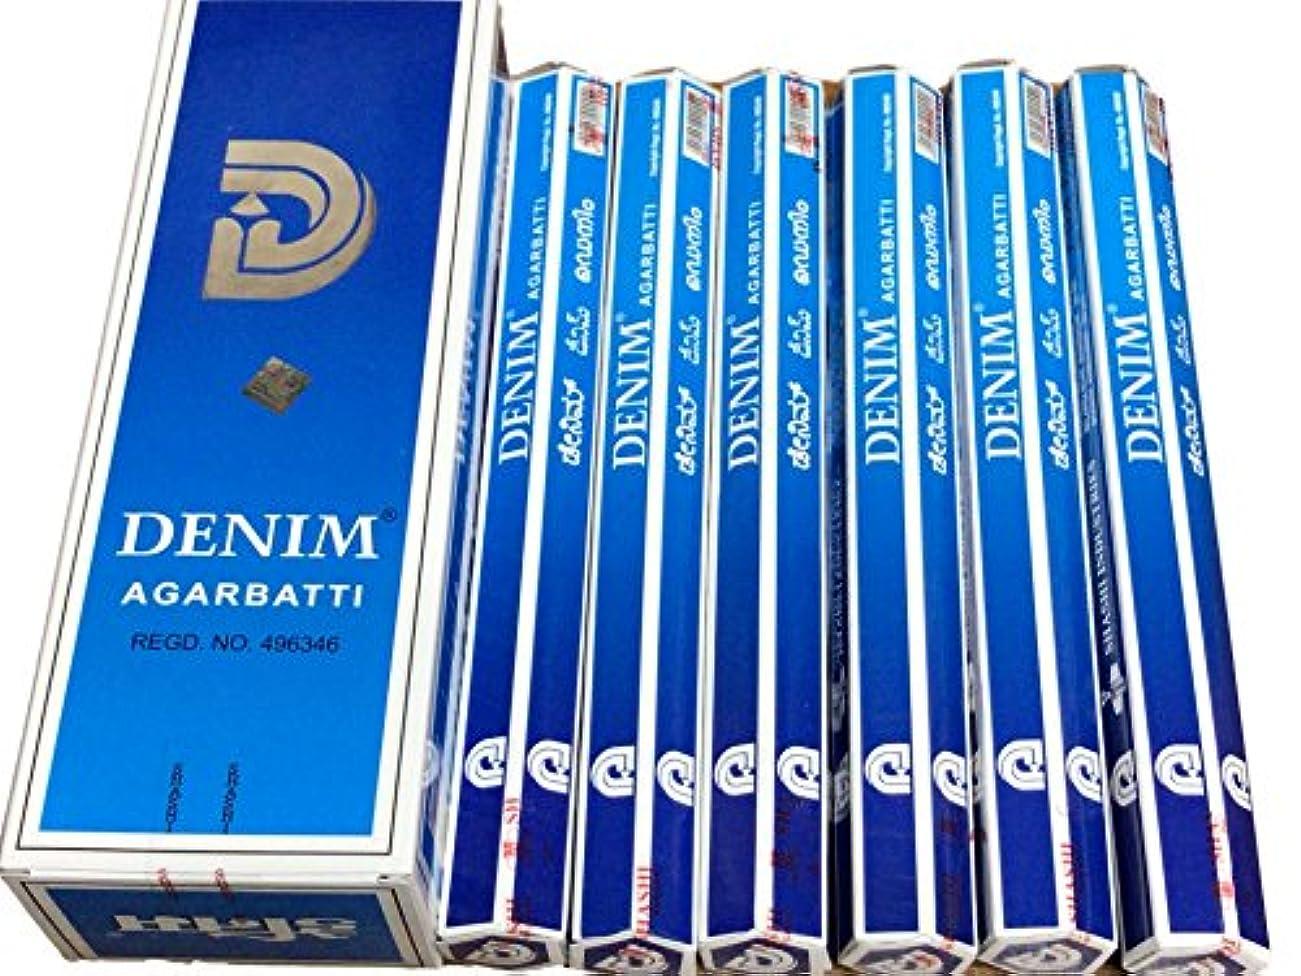 あなたのもの複合代表するSHASHI シャシ デニム DENIM デニム ステック お香 6本 セット